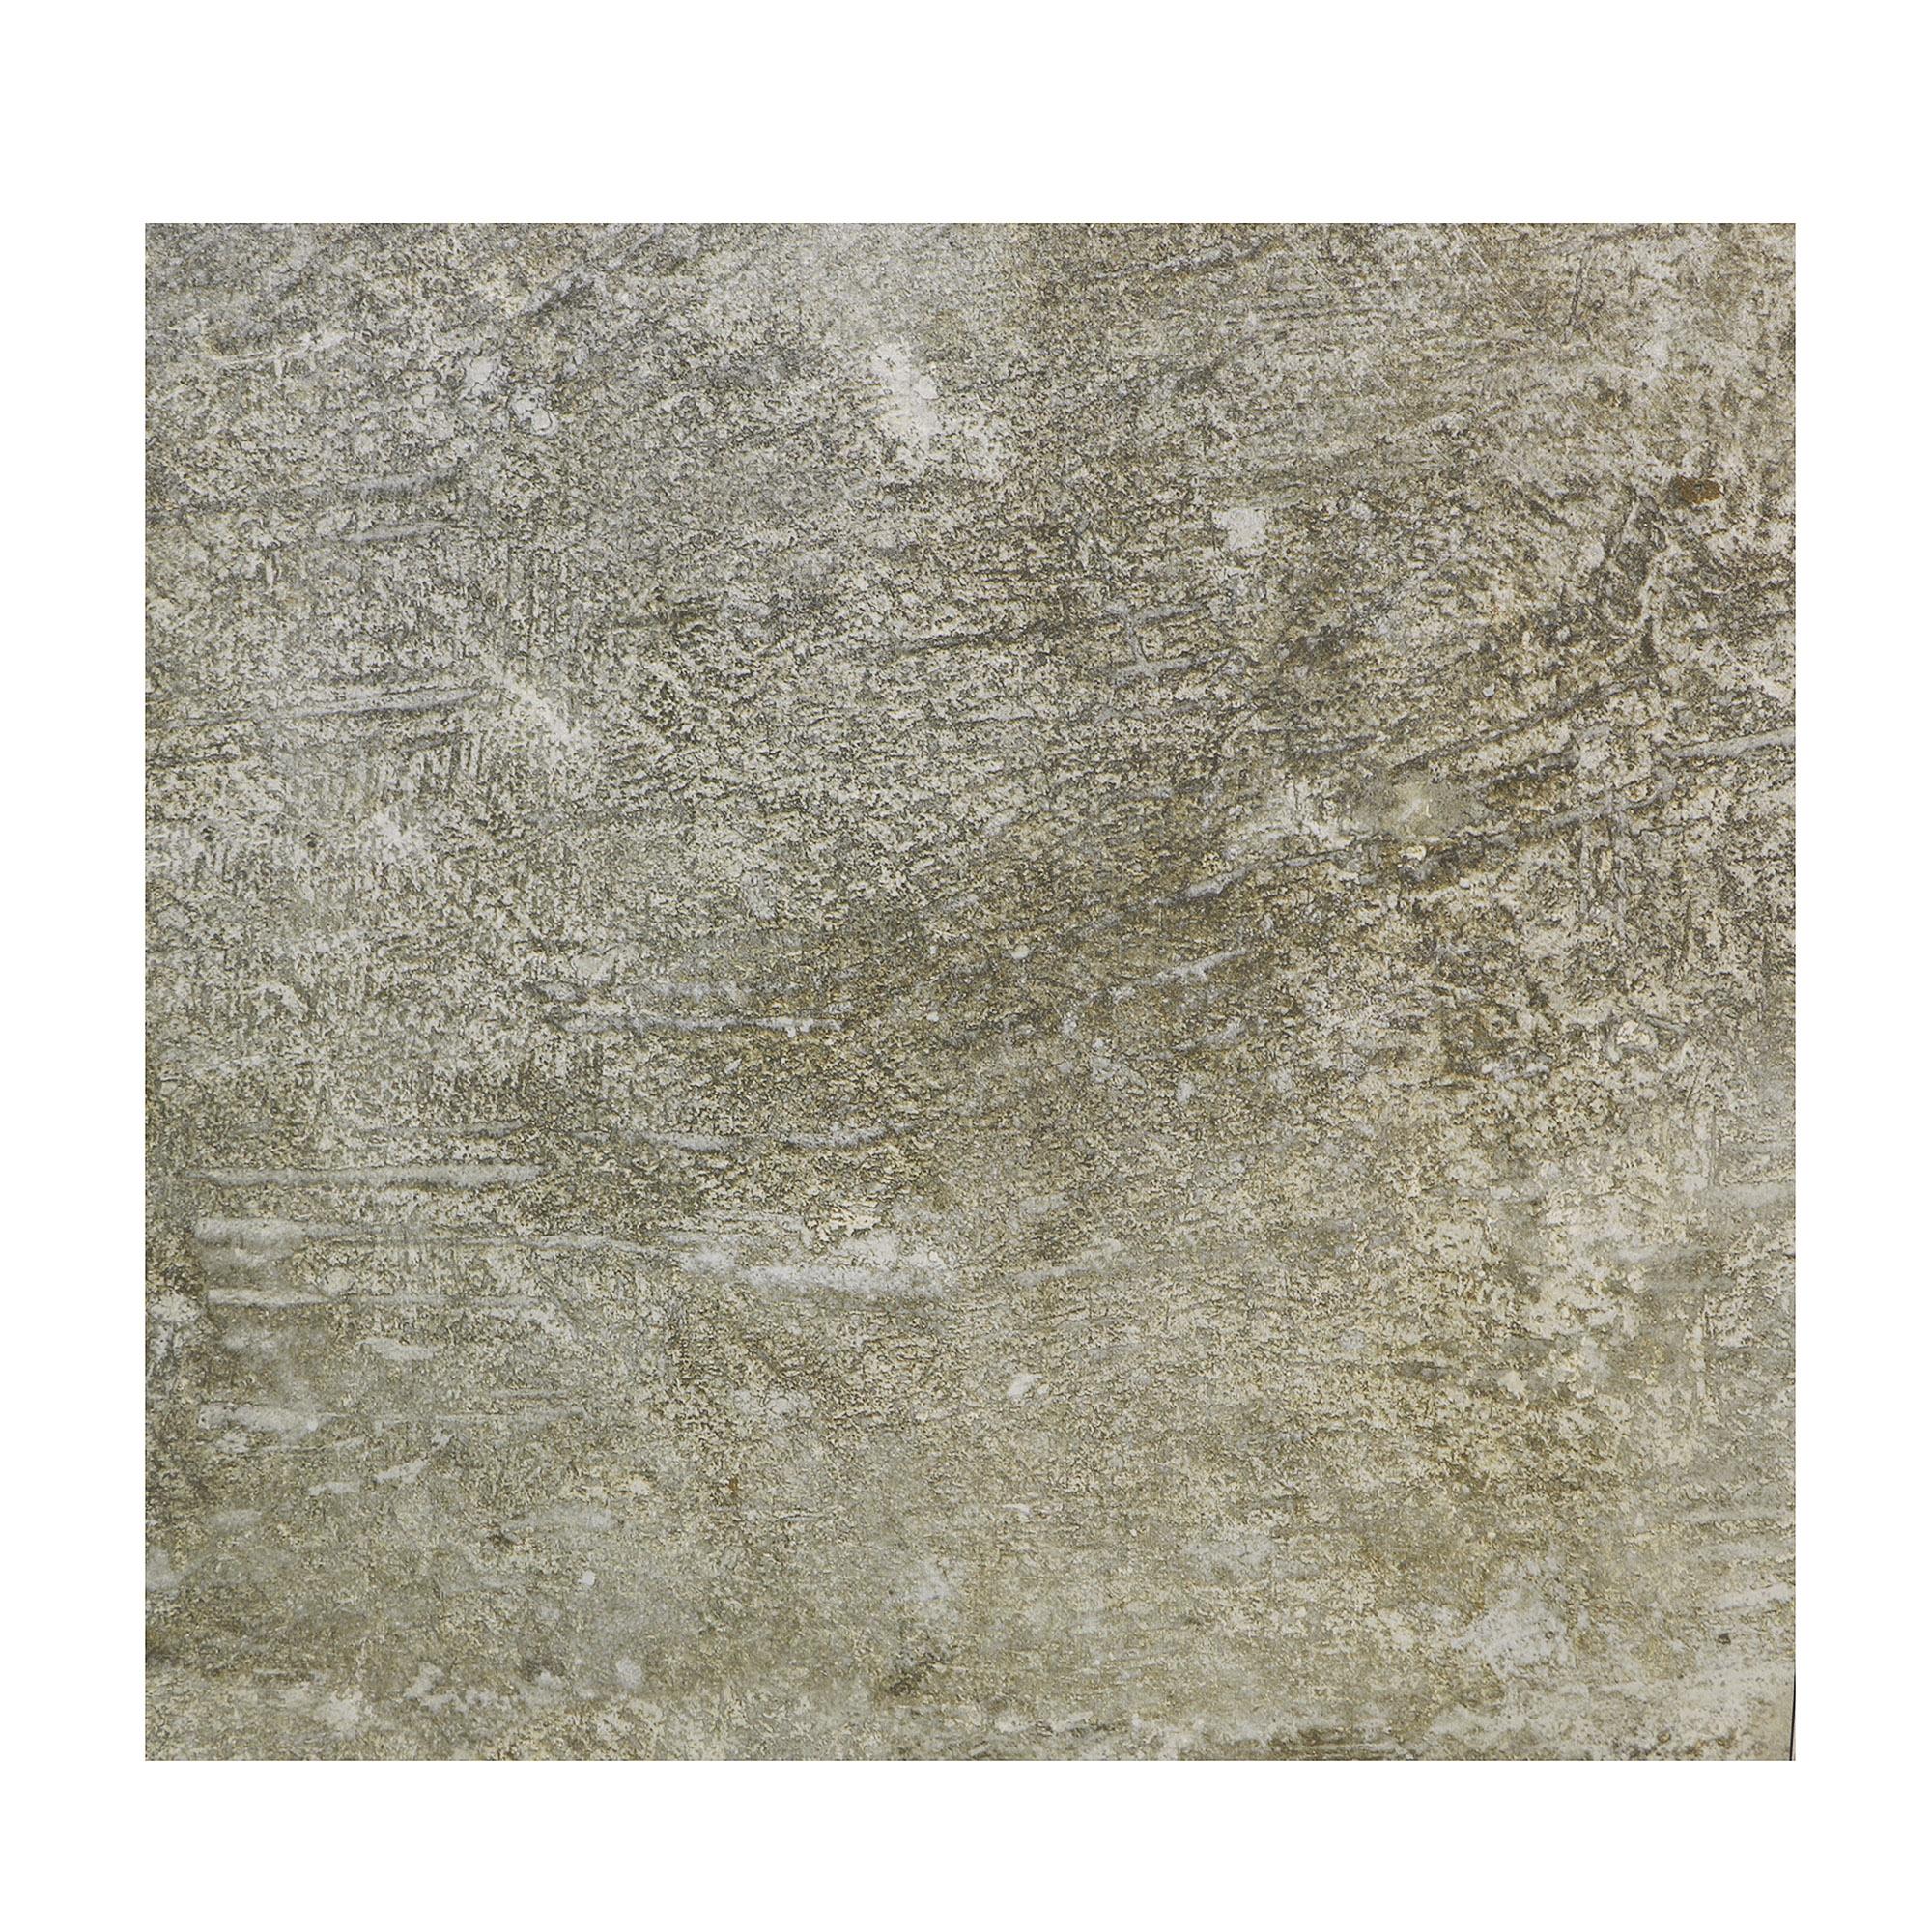 Фото - Плитка напольная Cristacer muse gris 45х45 плитка напольная cristacer muse gris 45х45